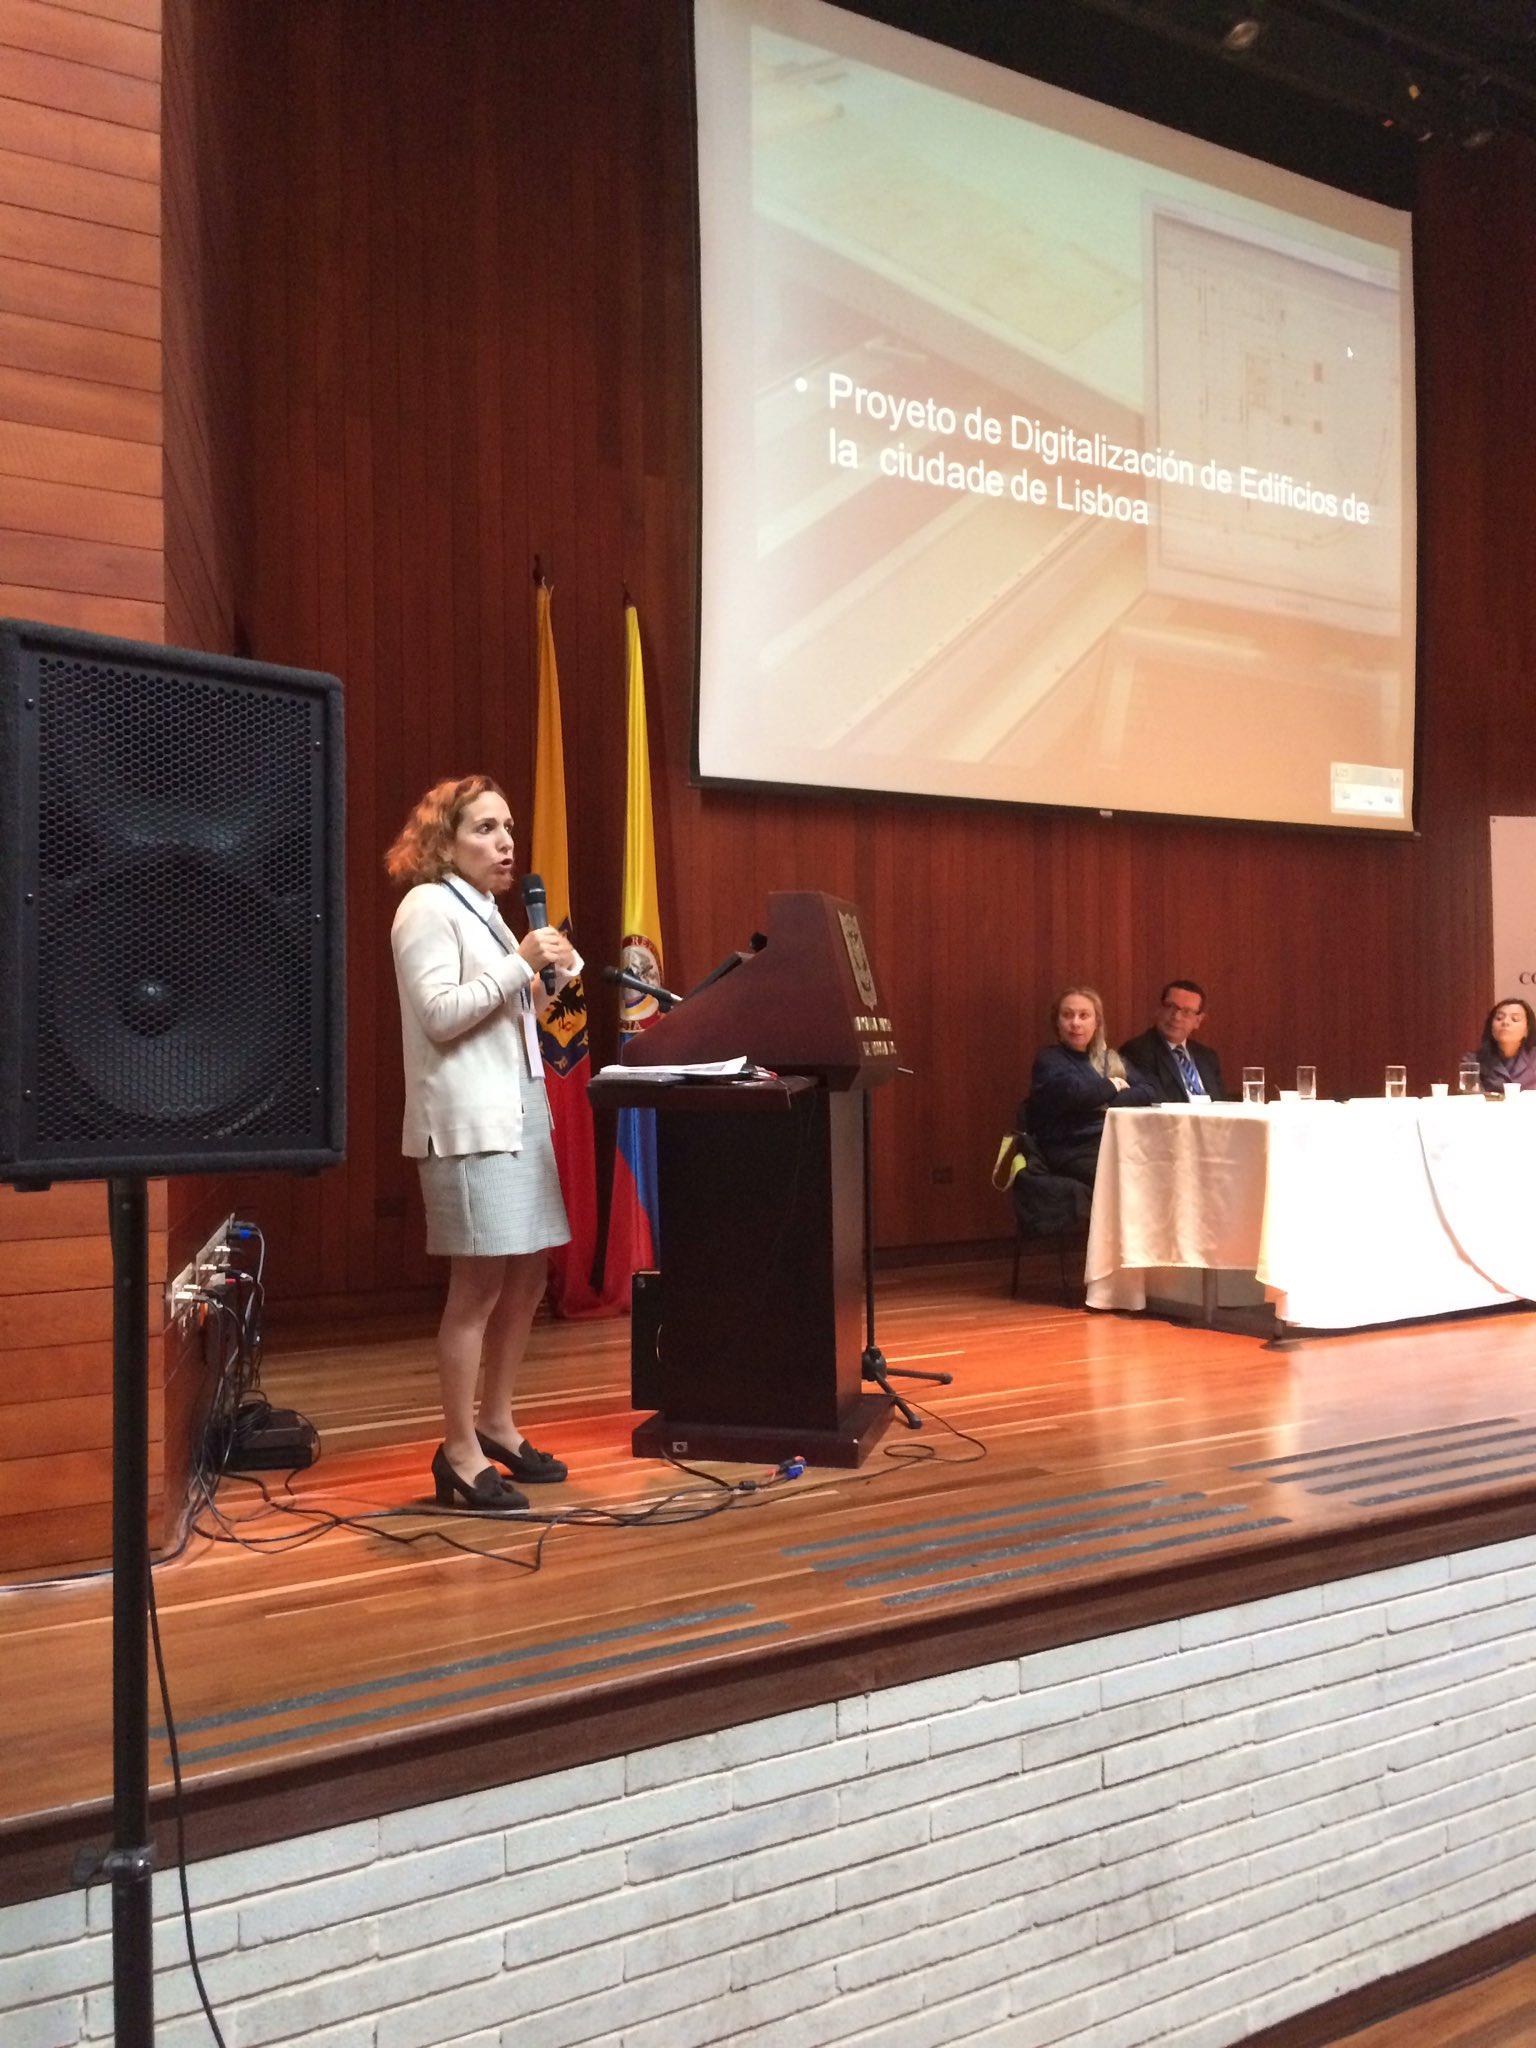 Ines Viegas habla sobre el proyecto de digitalización de edificios de la ciudad de Lisboa. #RetosDeLosArchivosMunicipales https://t.co/cxEN7JV7KY